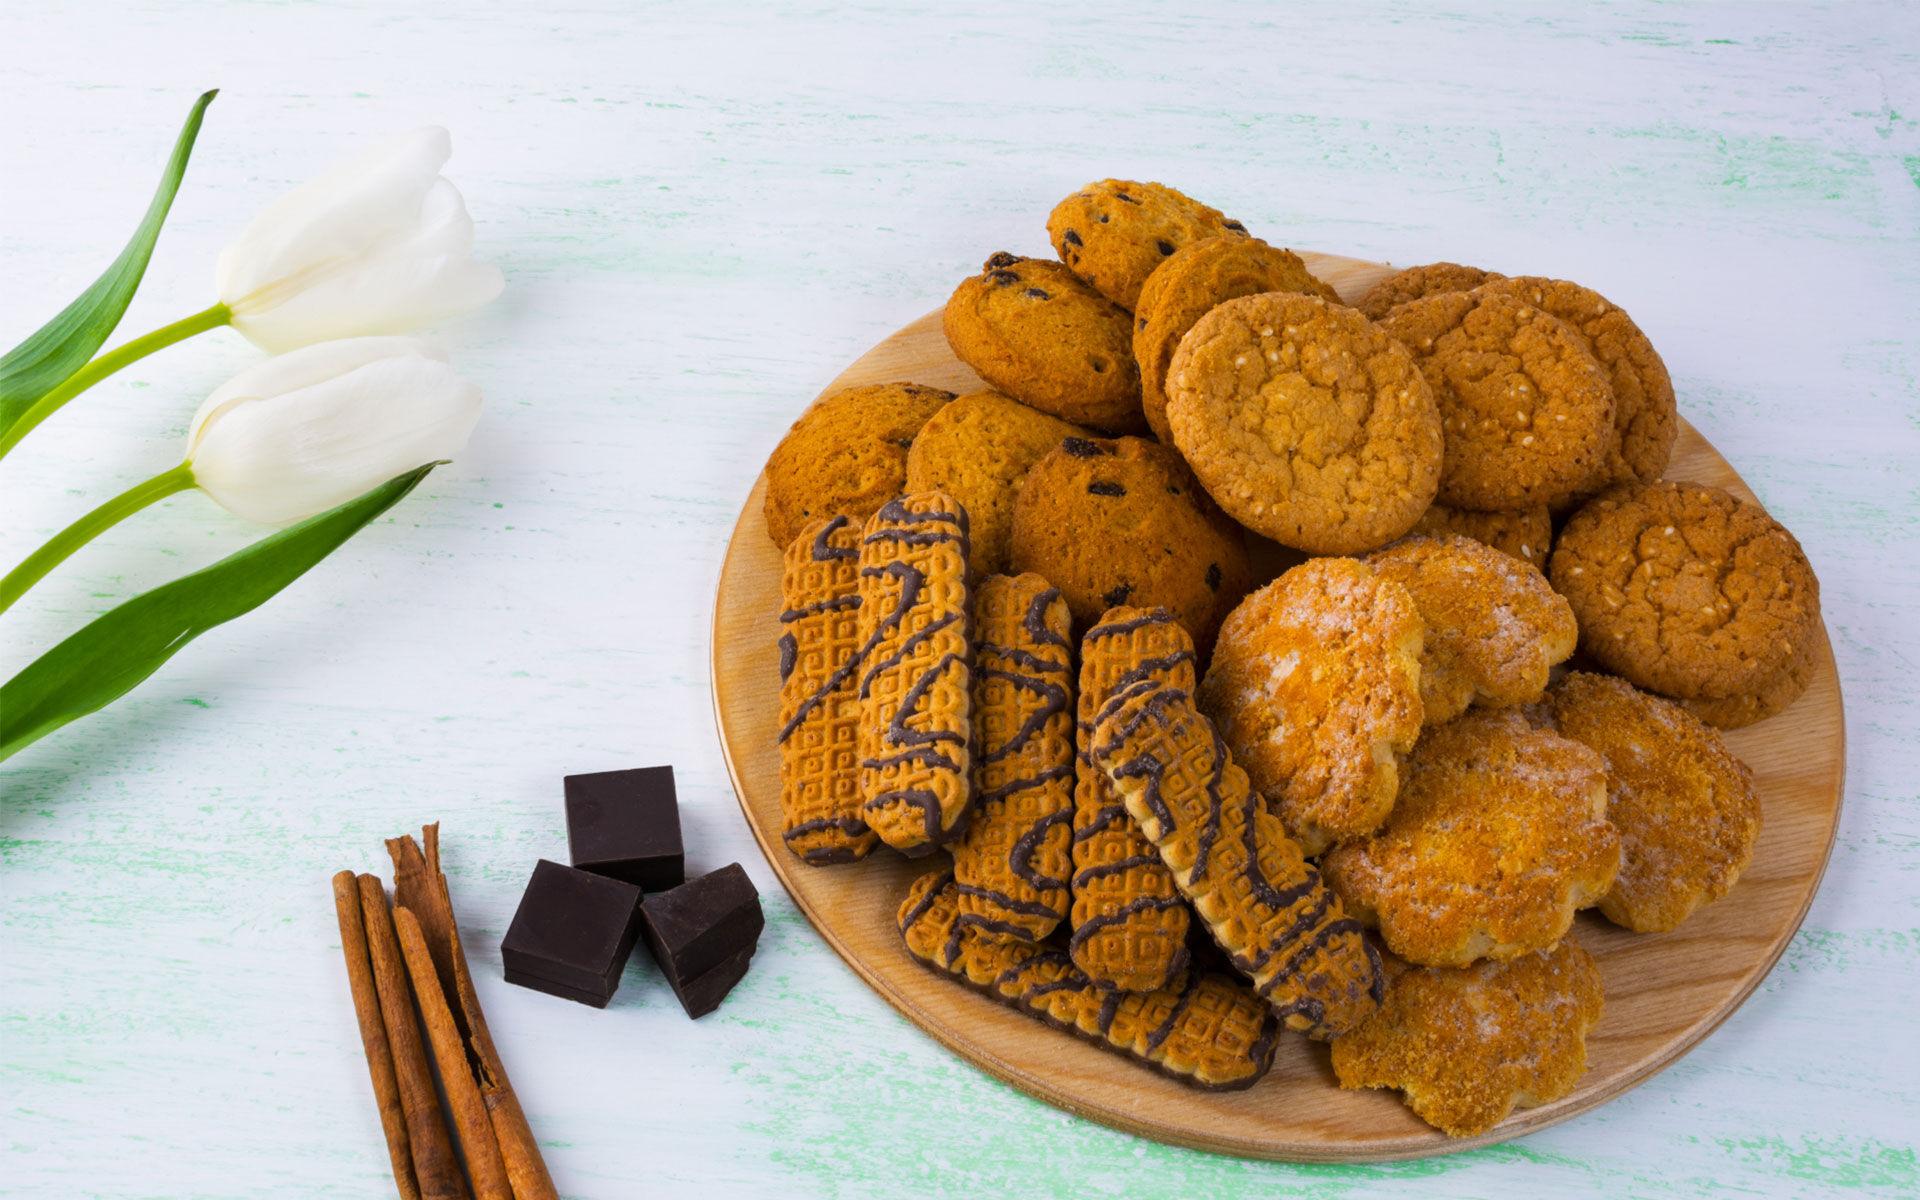 Les cookies et biscuits